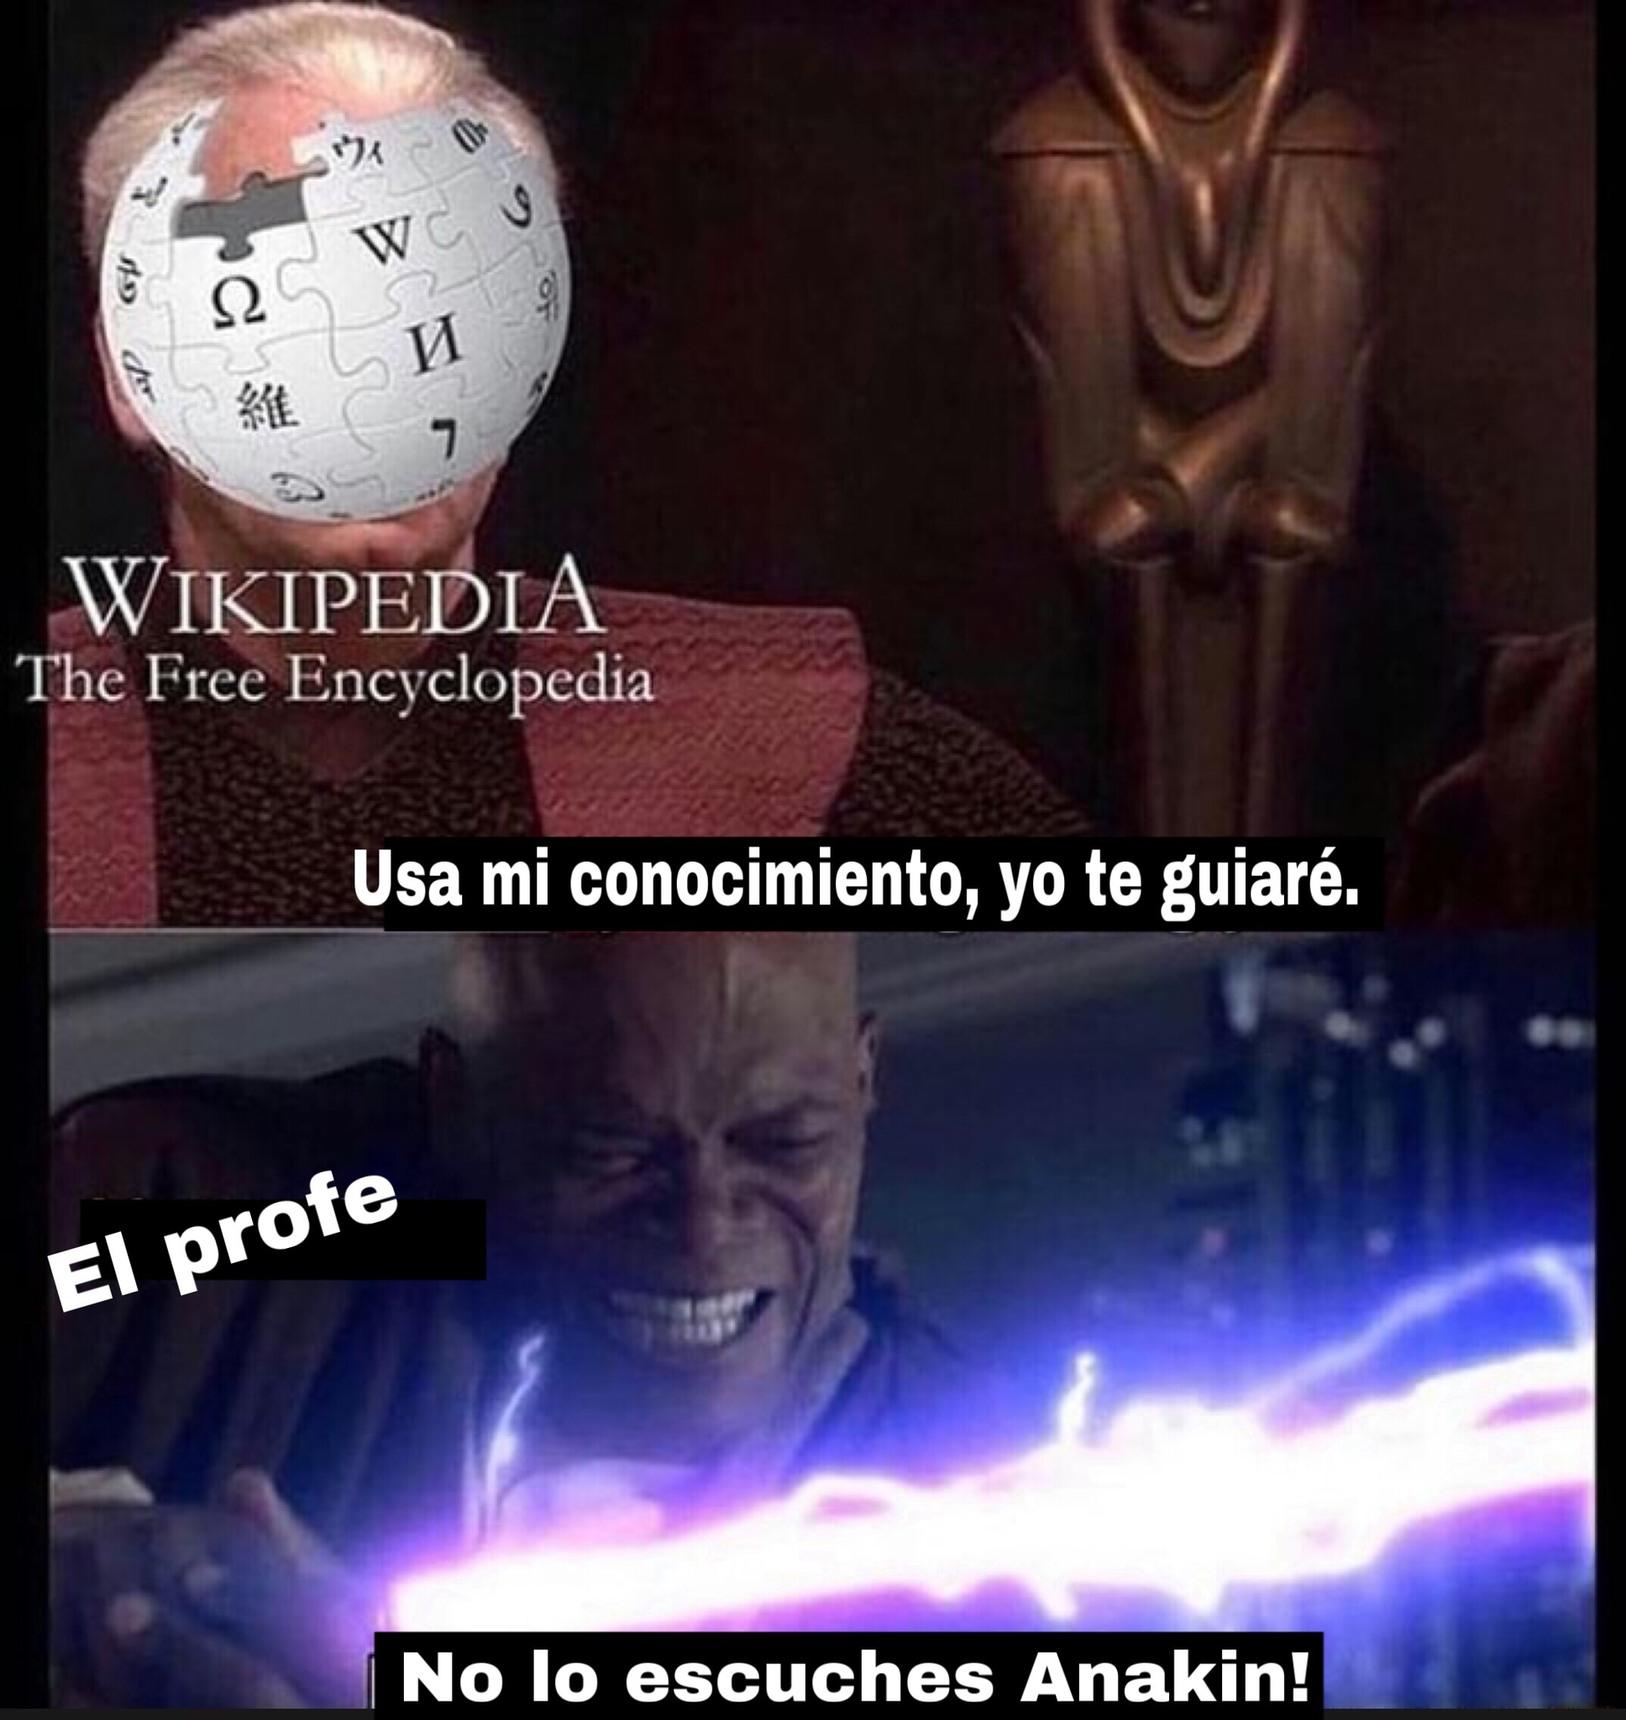 Logre convencer al profe de que no me bajara dos ptos por usar wikipedia - meme